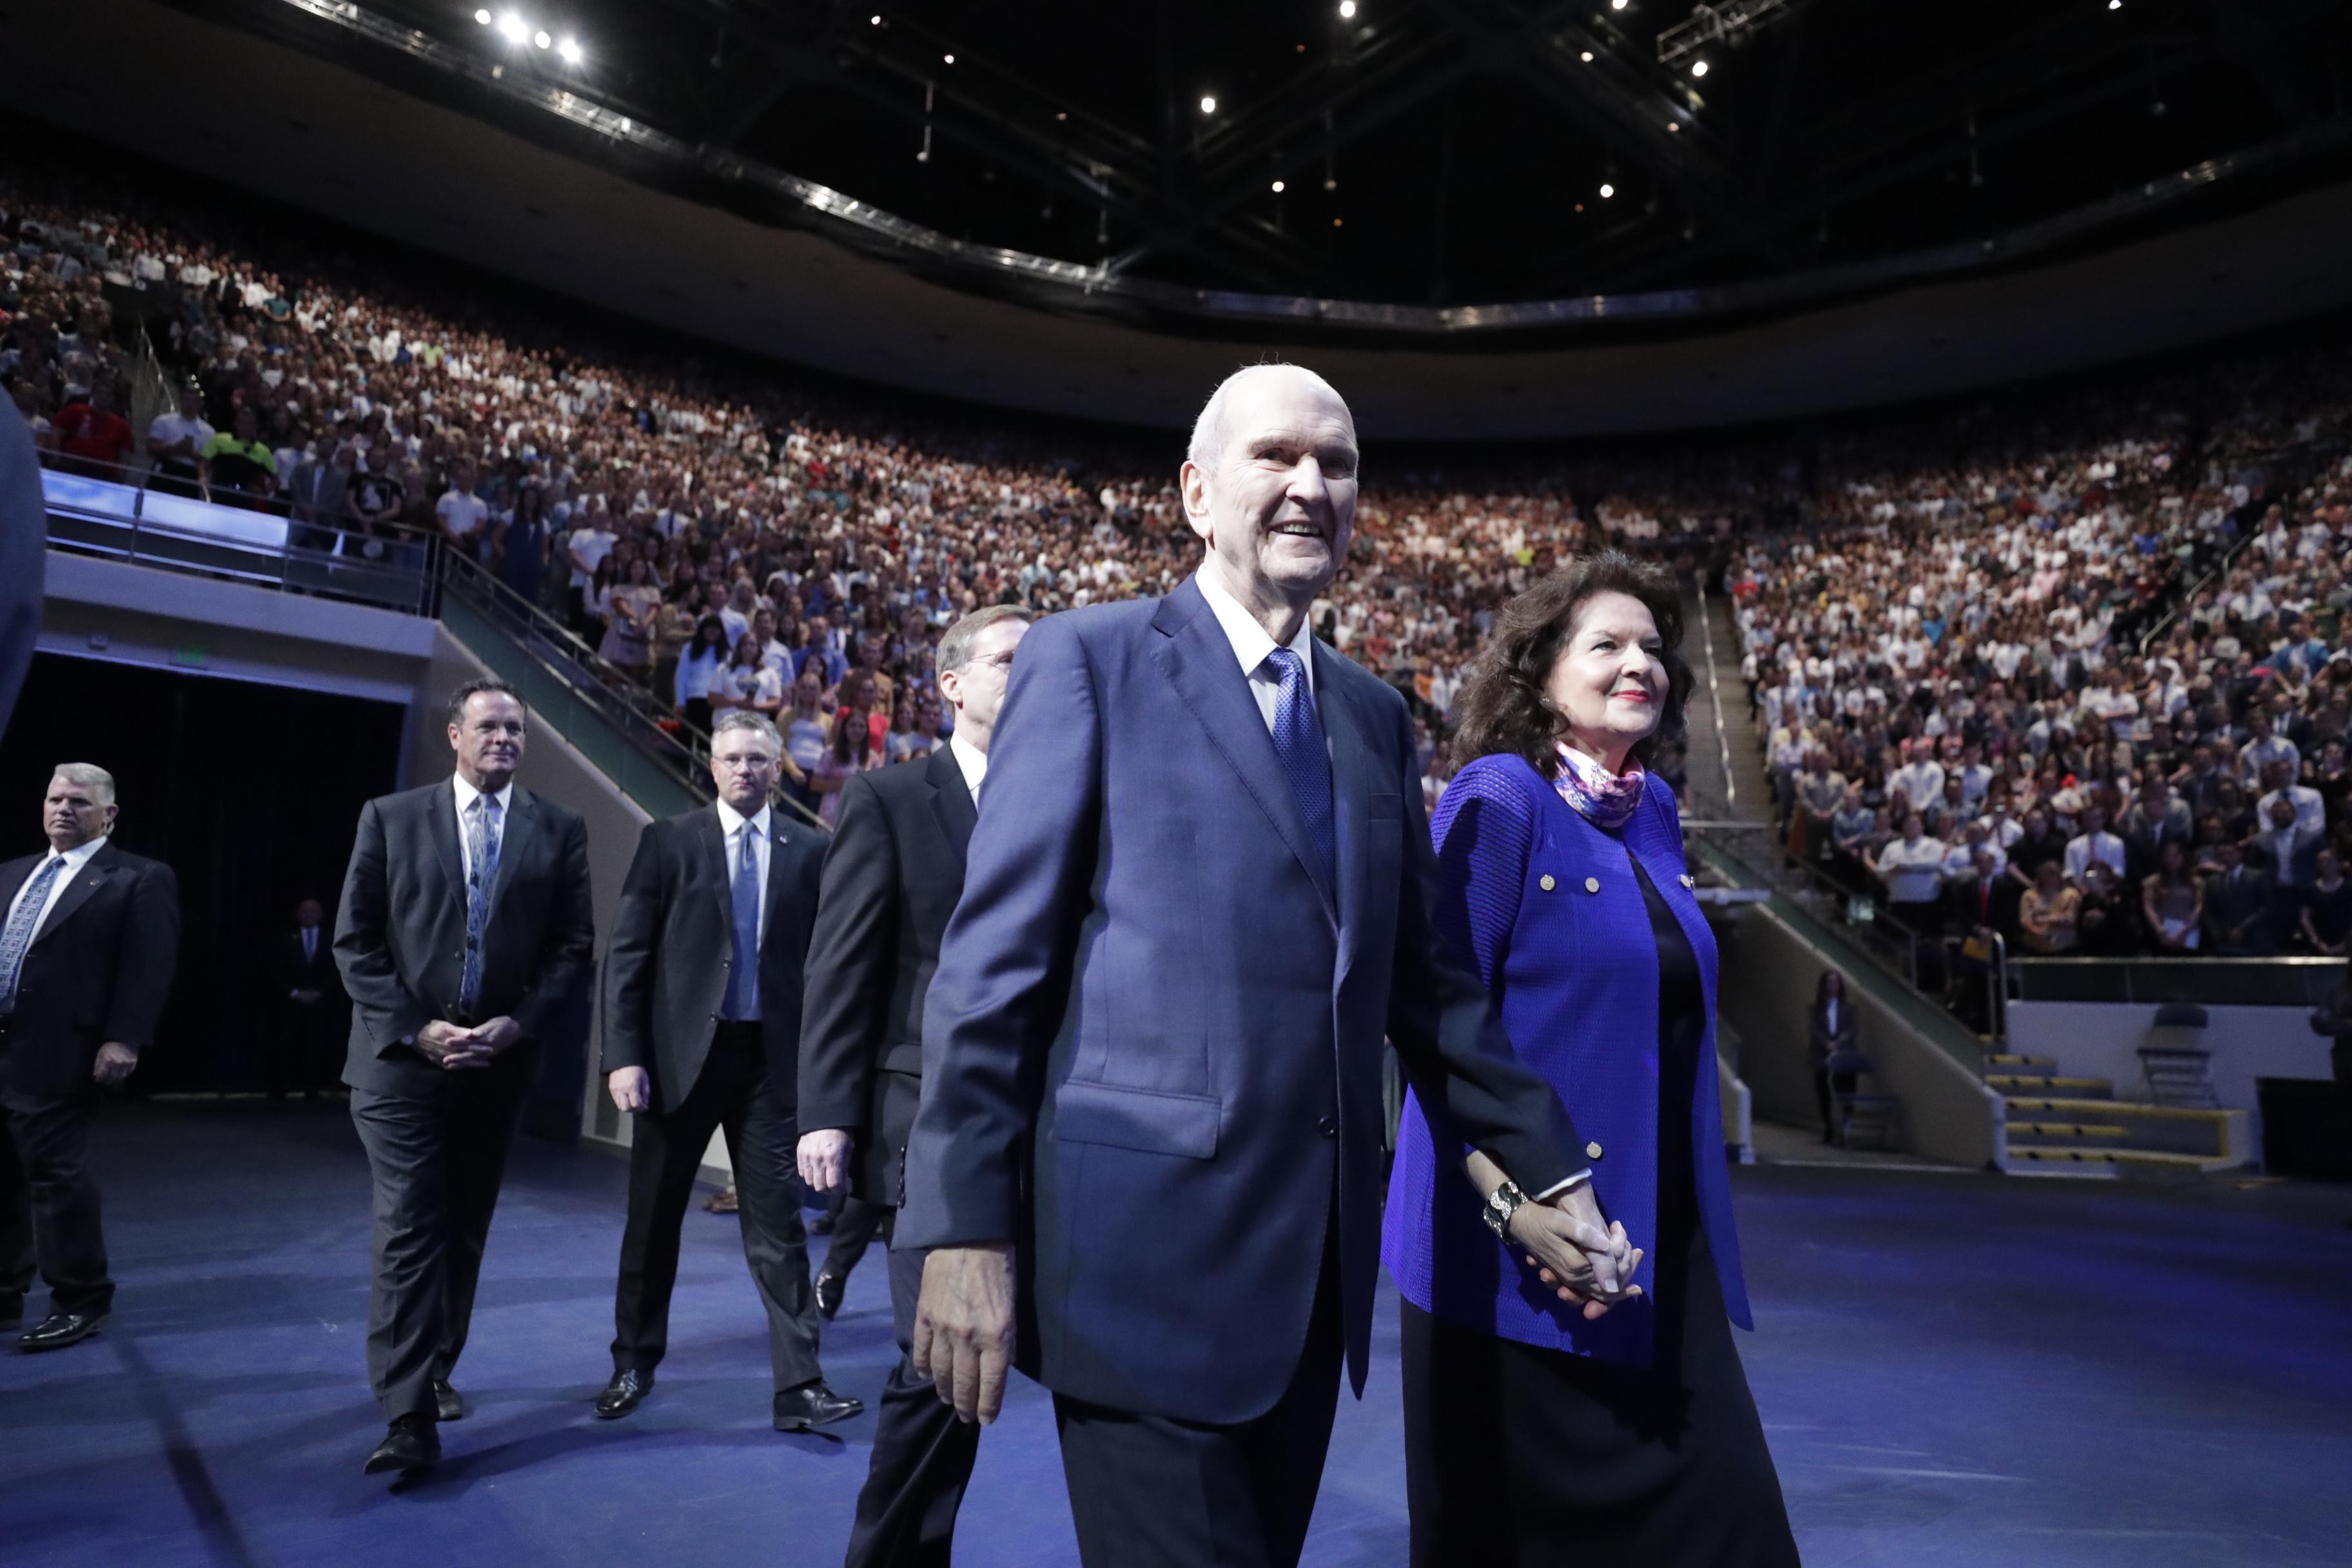 O presidente Russell M. Nelson e sua esposa, a irmã Wendy Nelson, entram no Marriott Center antes de falar em um devocional no campus da BYU na terça-feira, 17 de setembro de 2019.